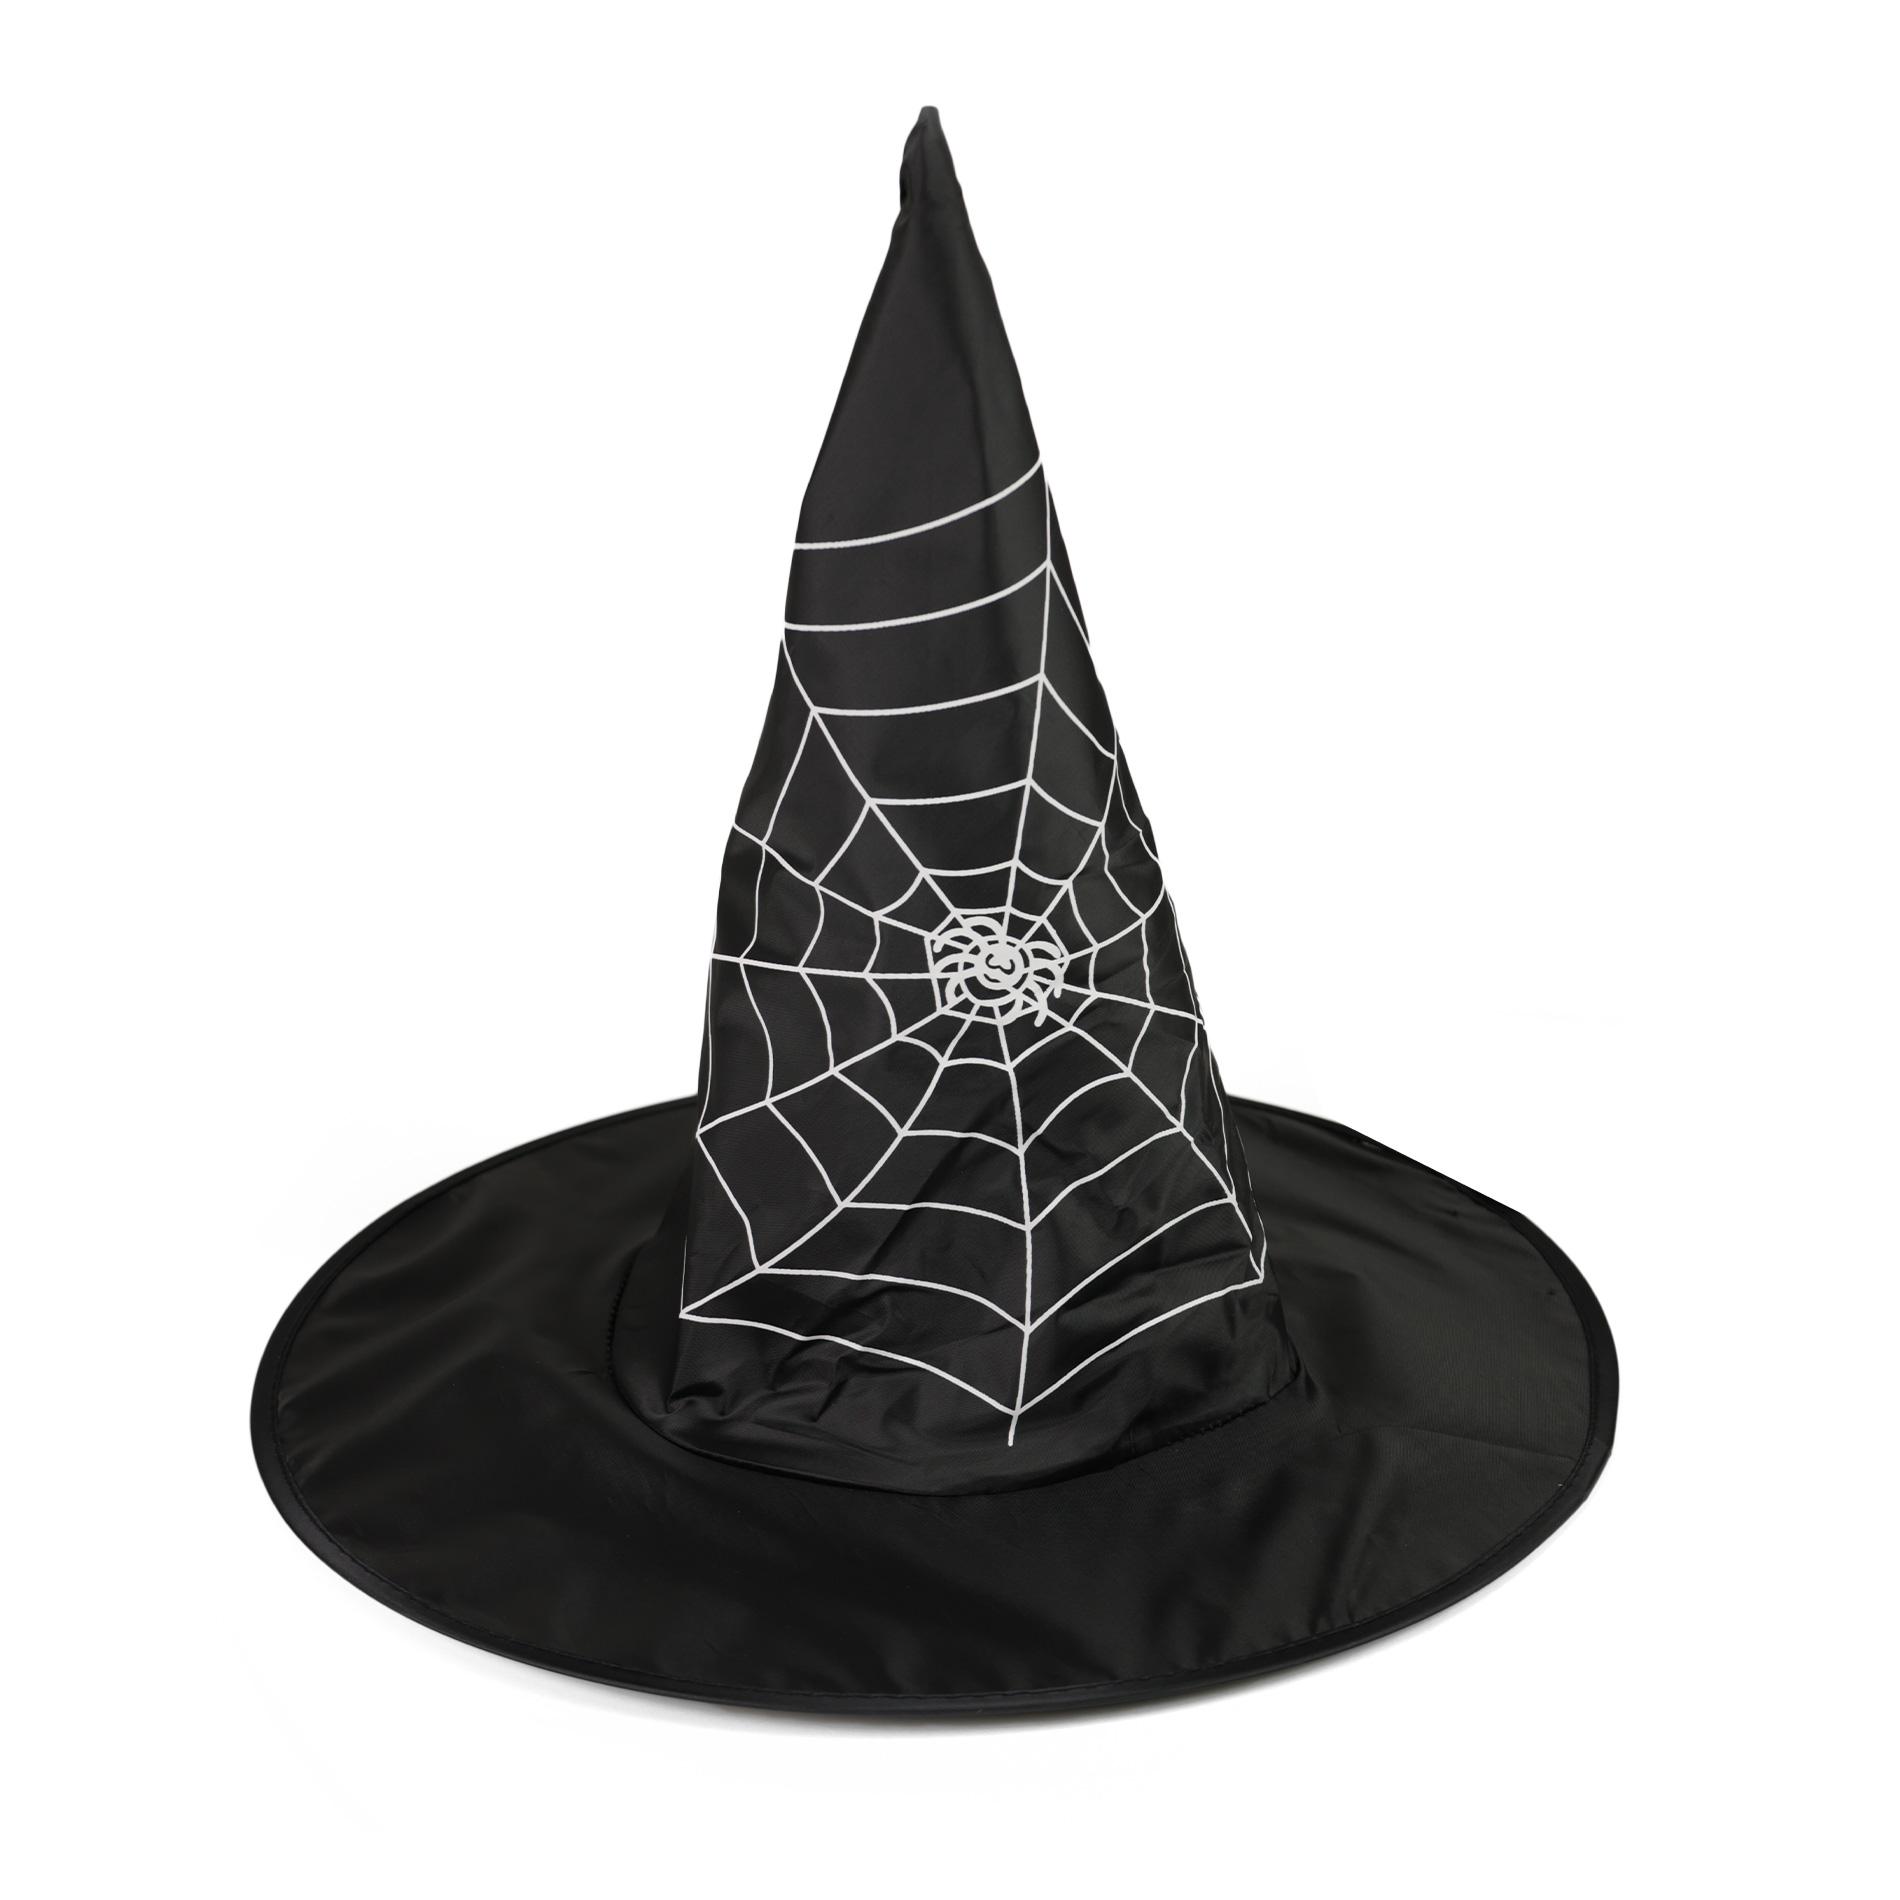 klobúk čarodejnícky s pavučinou, detský